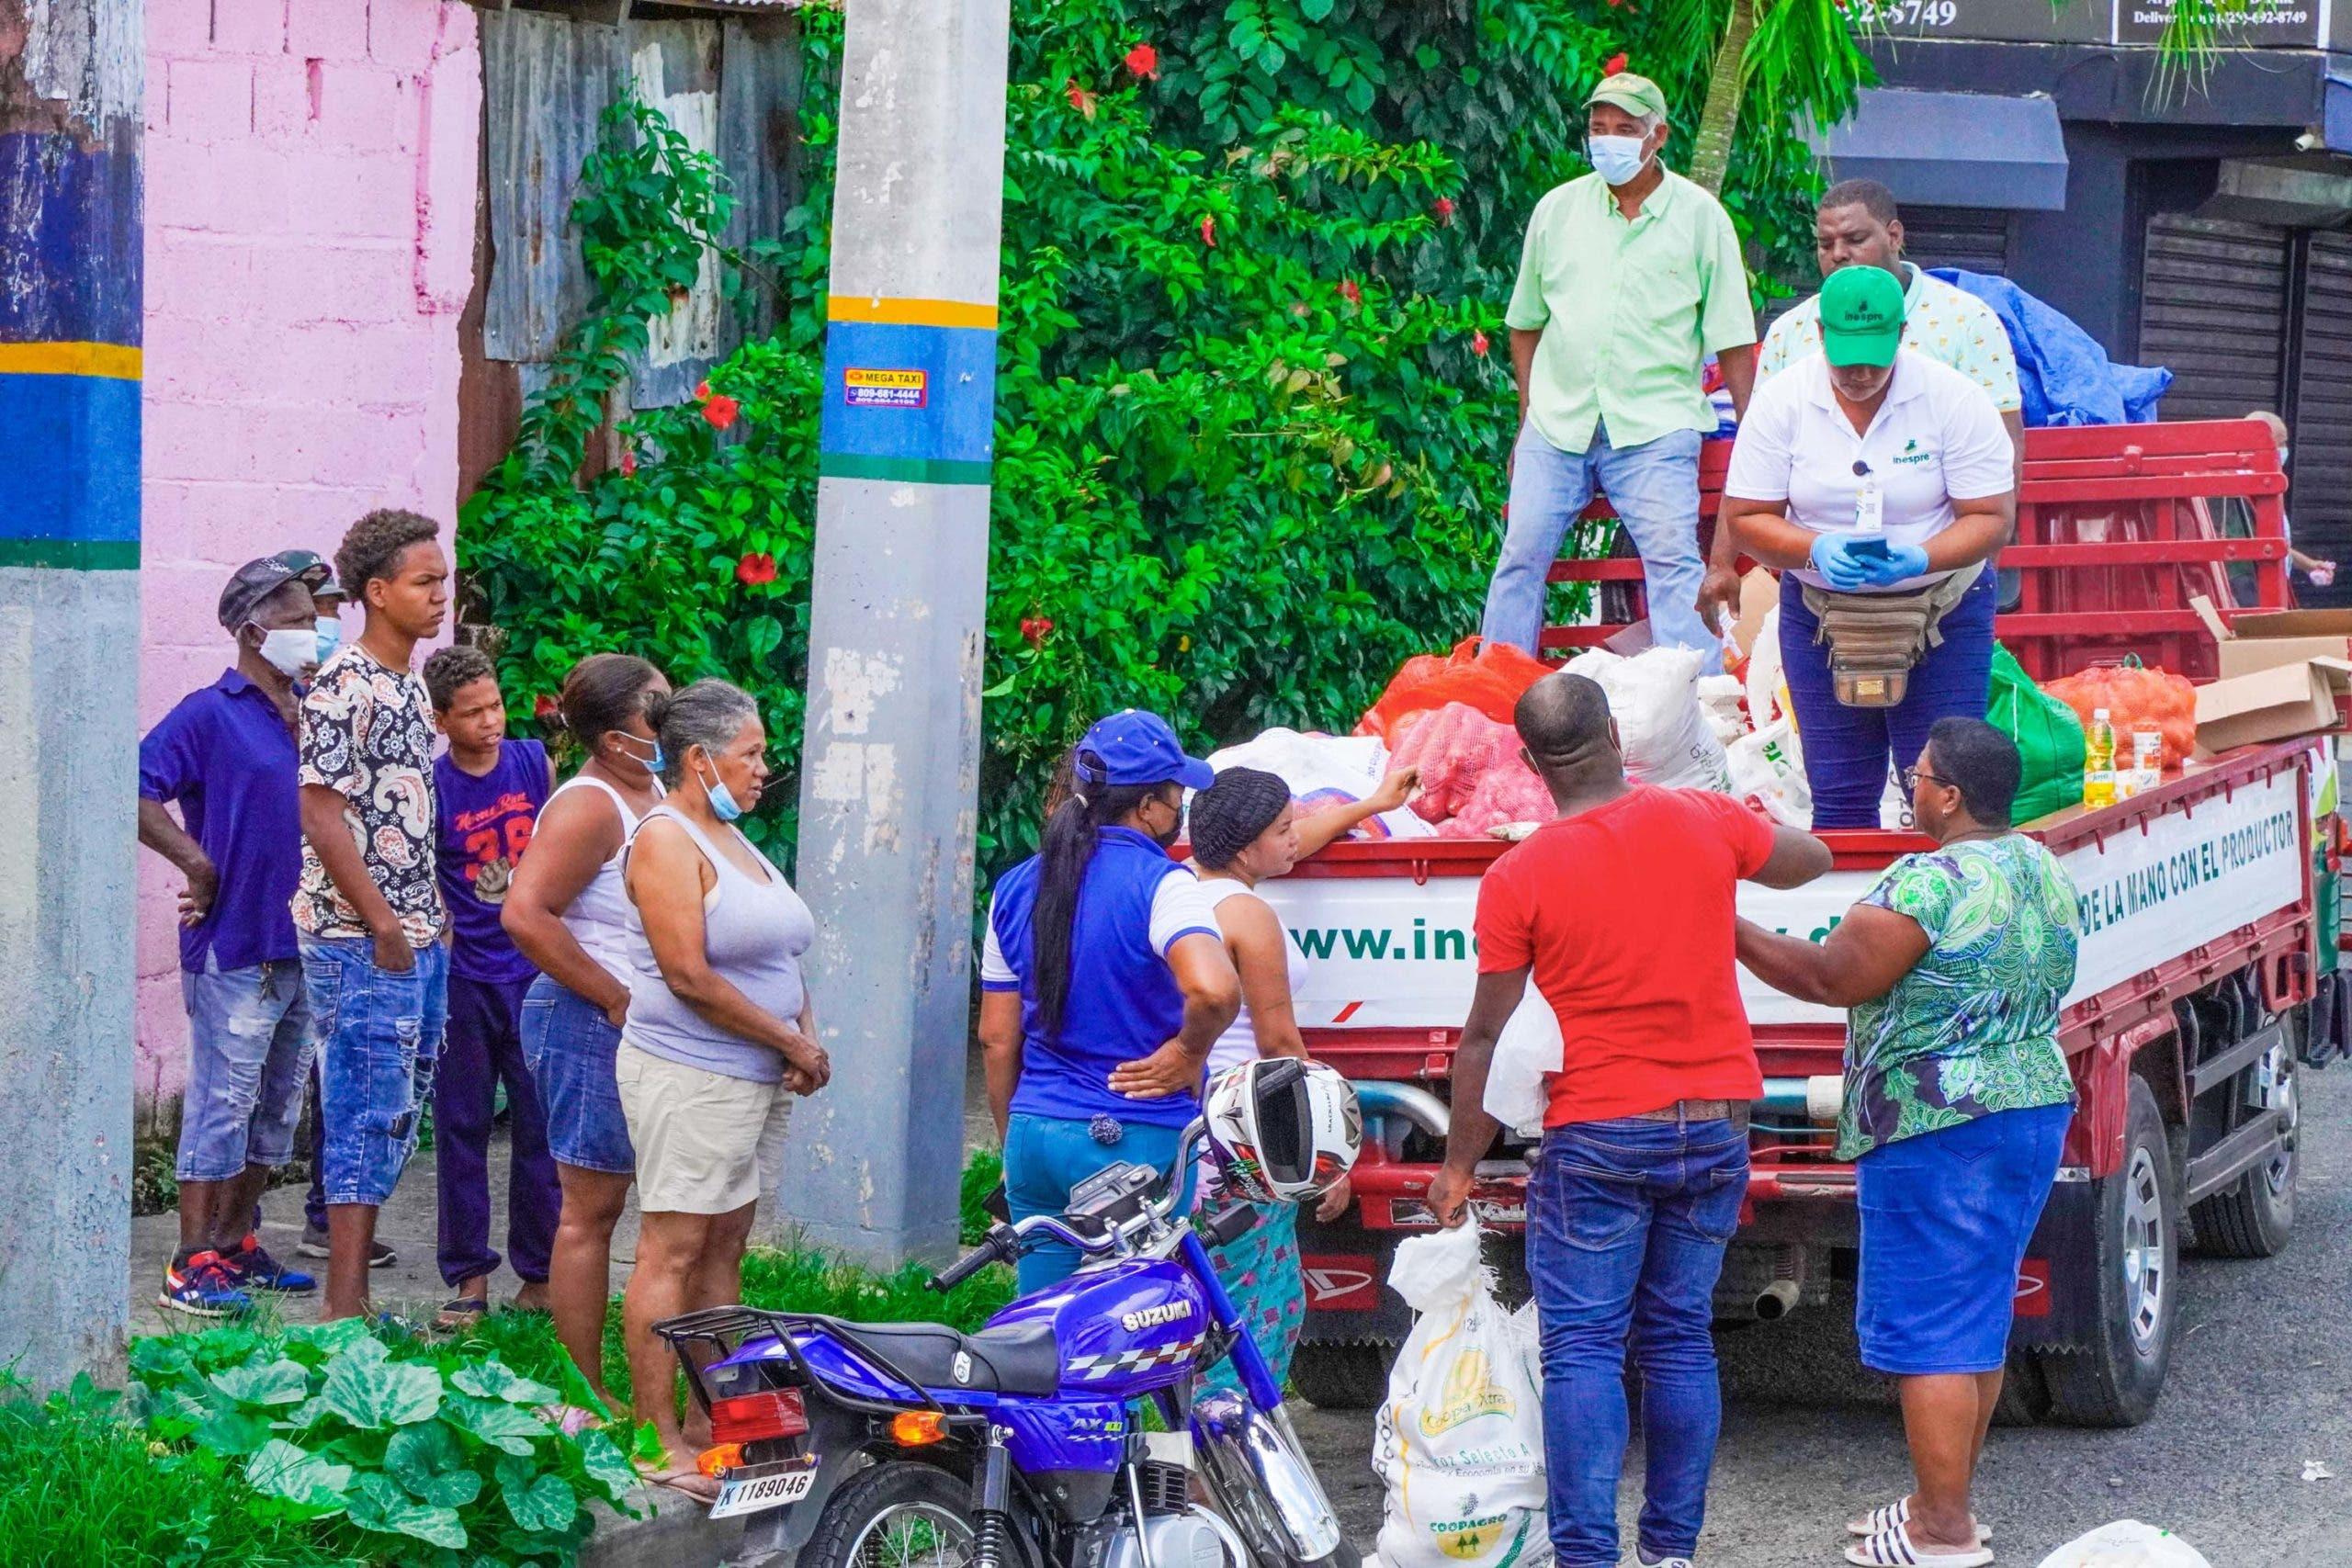 Más de 52,000 residentes de Cristo Rey adquirieron alimentos en Inespre